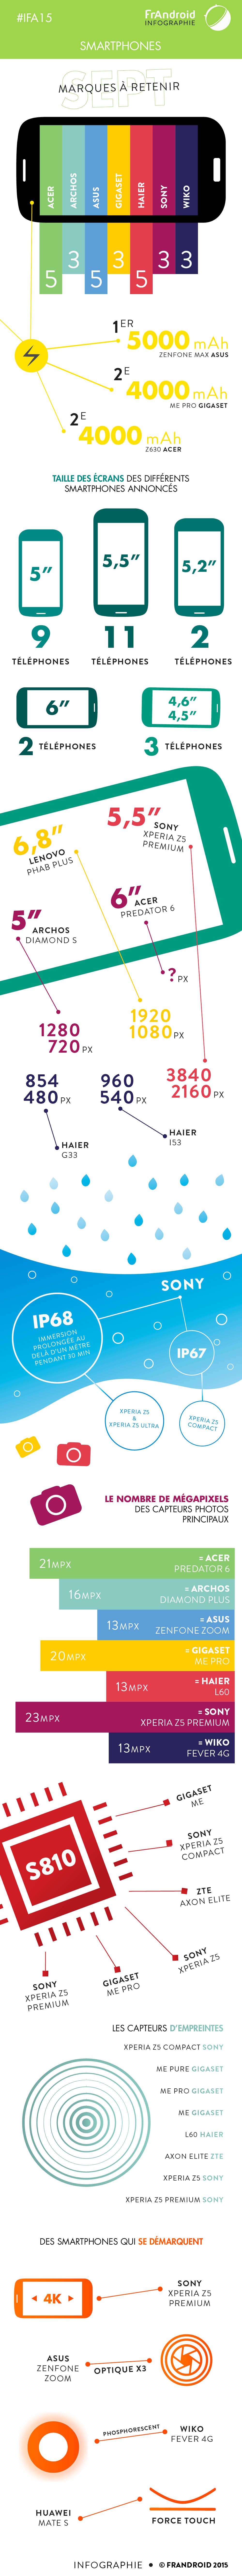 infographie_ifa_smartphones (3)